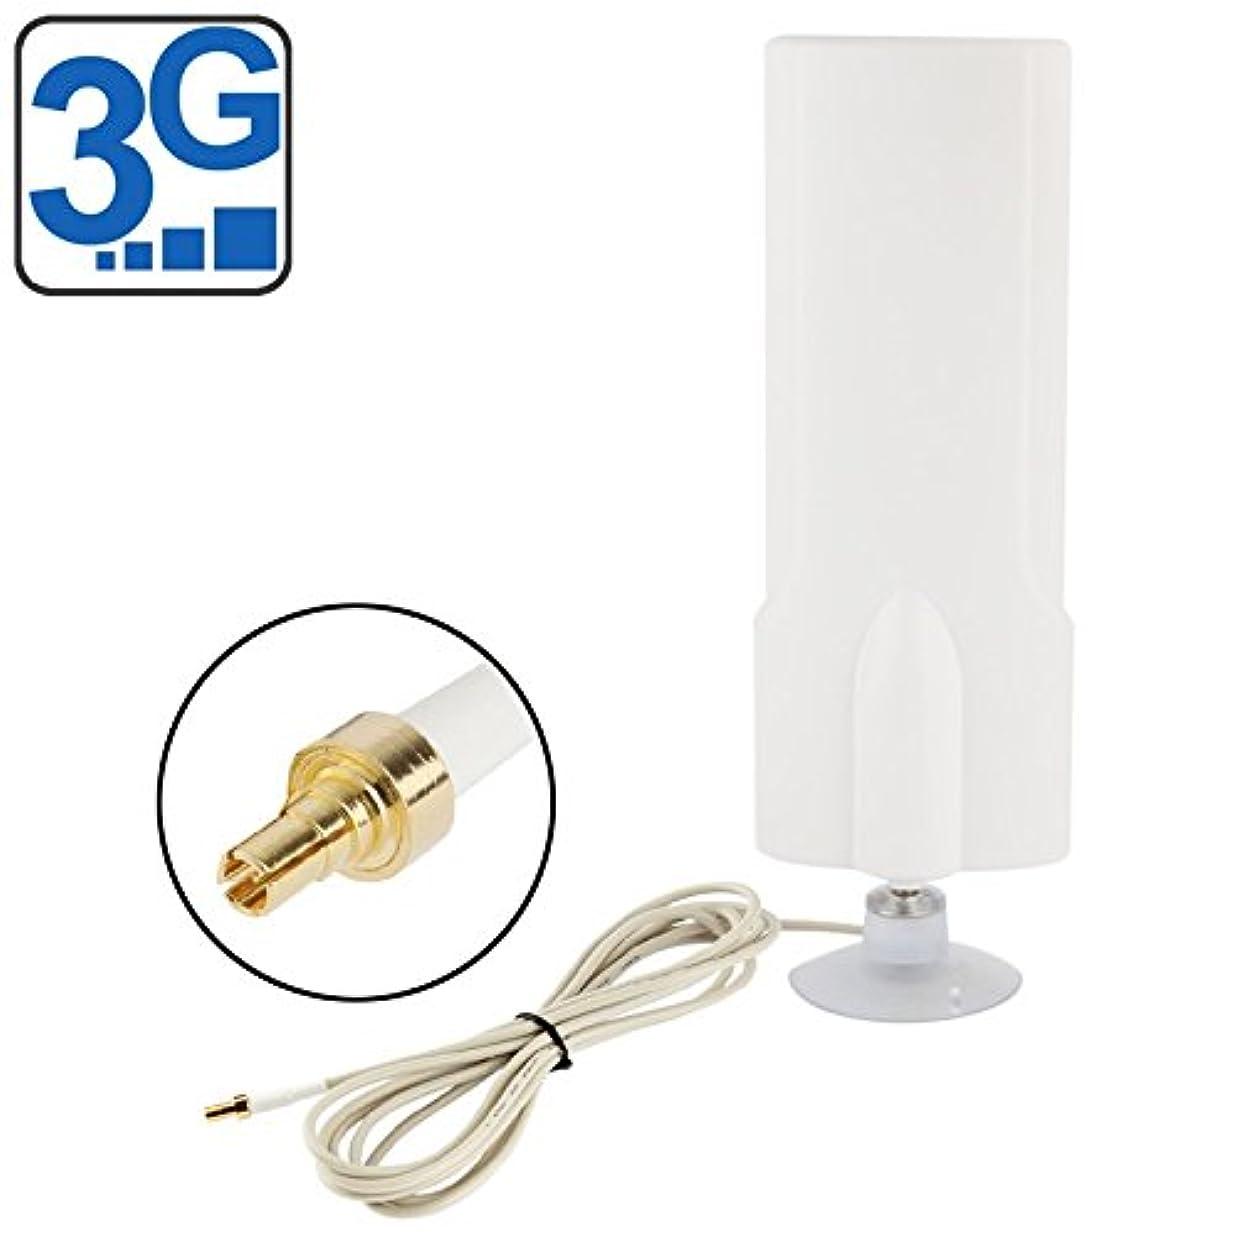 差別化するヨーグルト対応するコンピュータ&アクセサリーネットワークアンテナ 高品質屋内30dBi CRC9 3Gアンテナ、ケーブル長さ:1m、サイズ:20.7cm x 7cm x 3cm コンピュータ&アクセサリーネットワークアンテナ